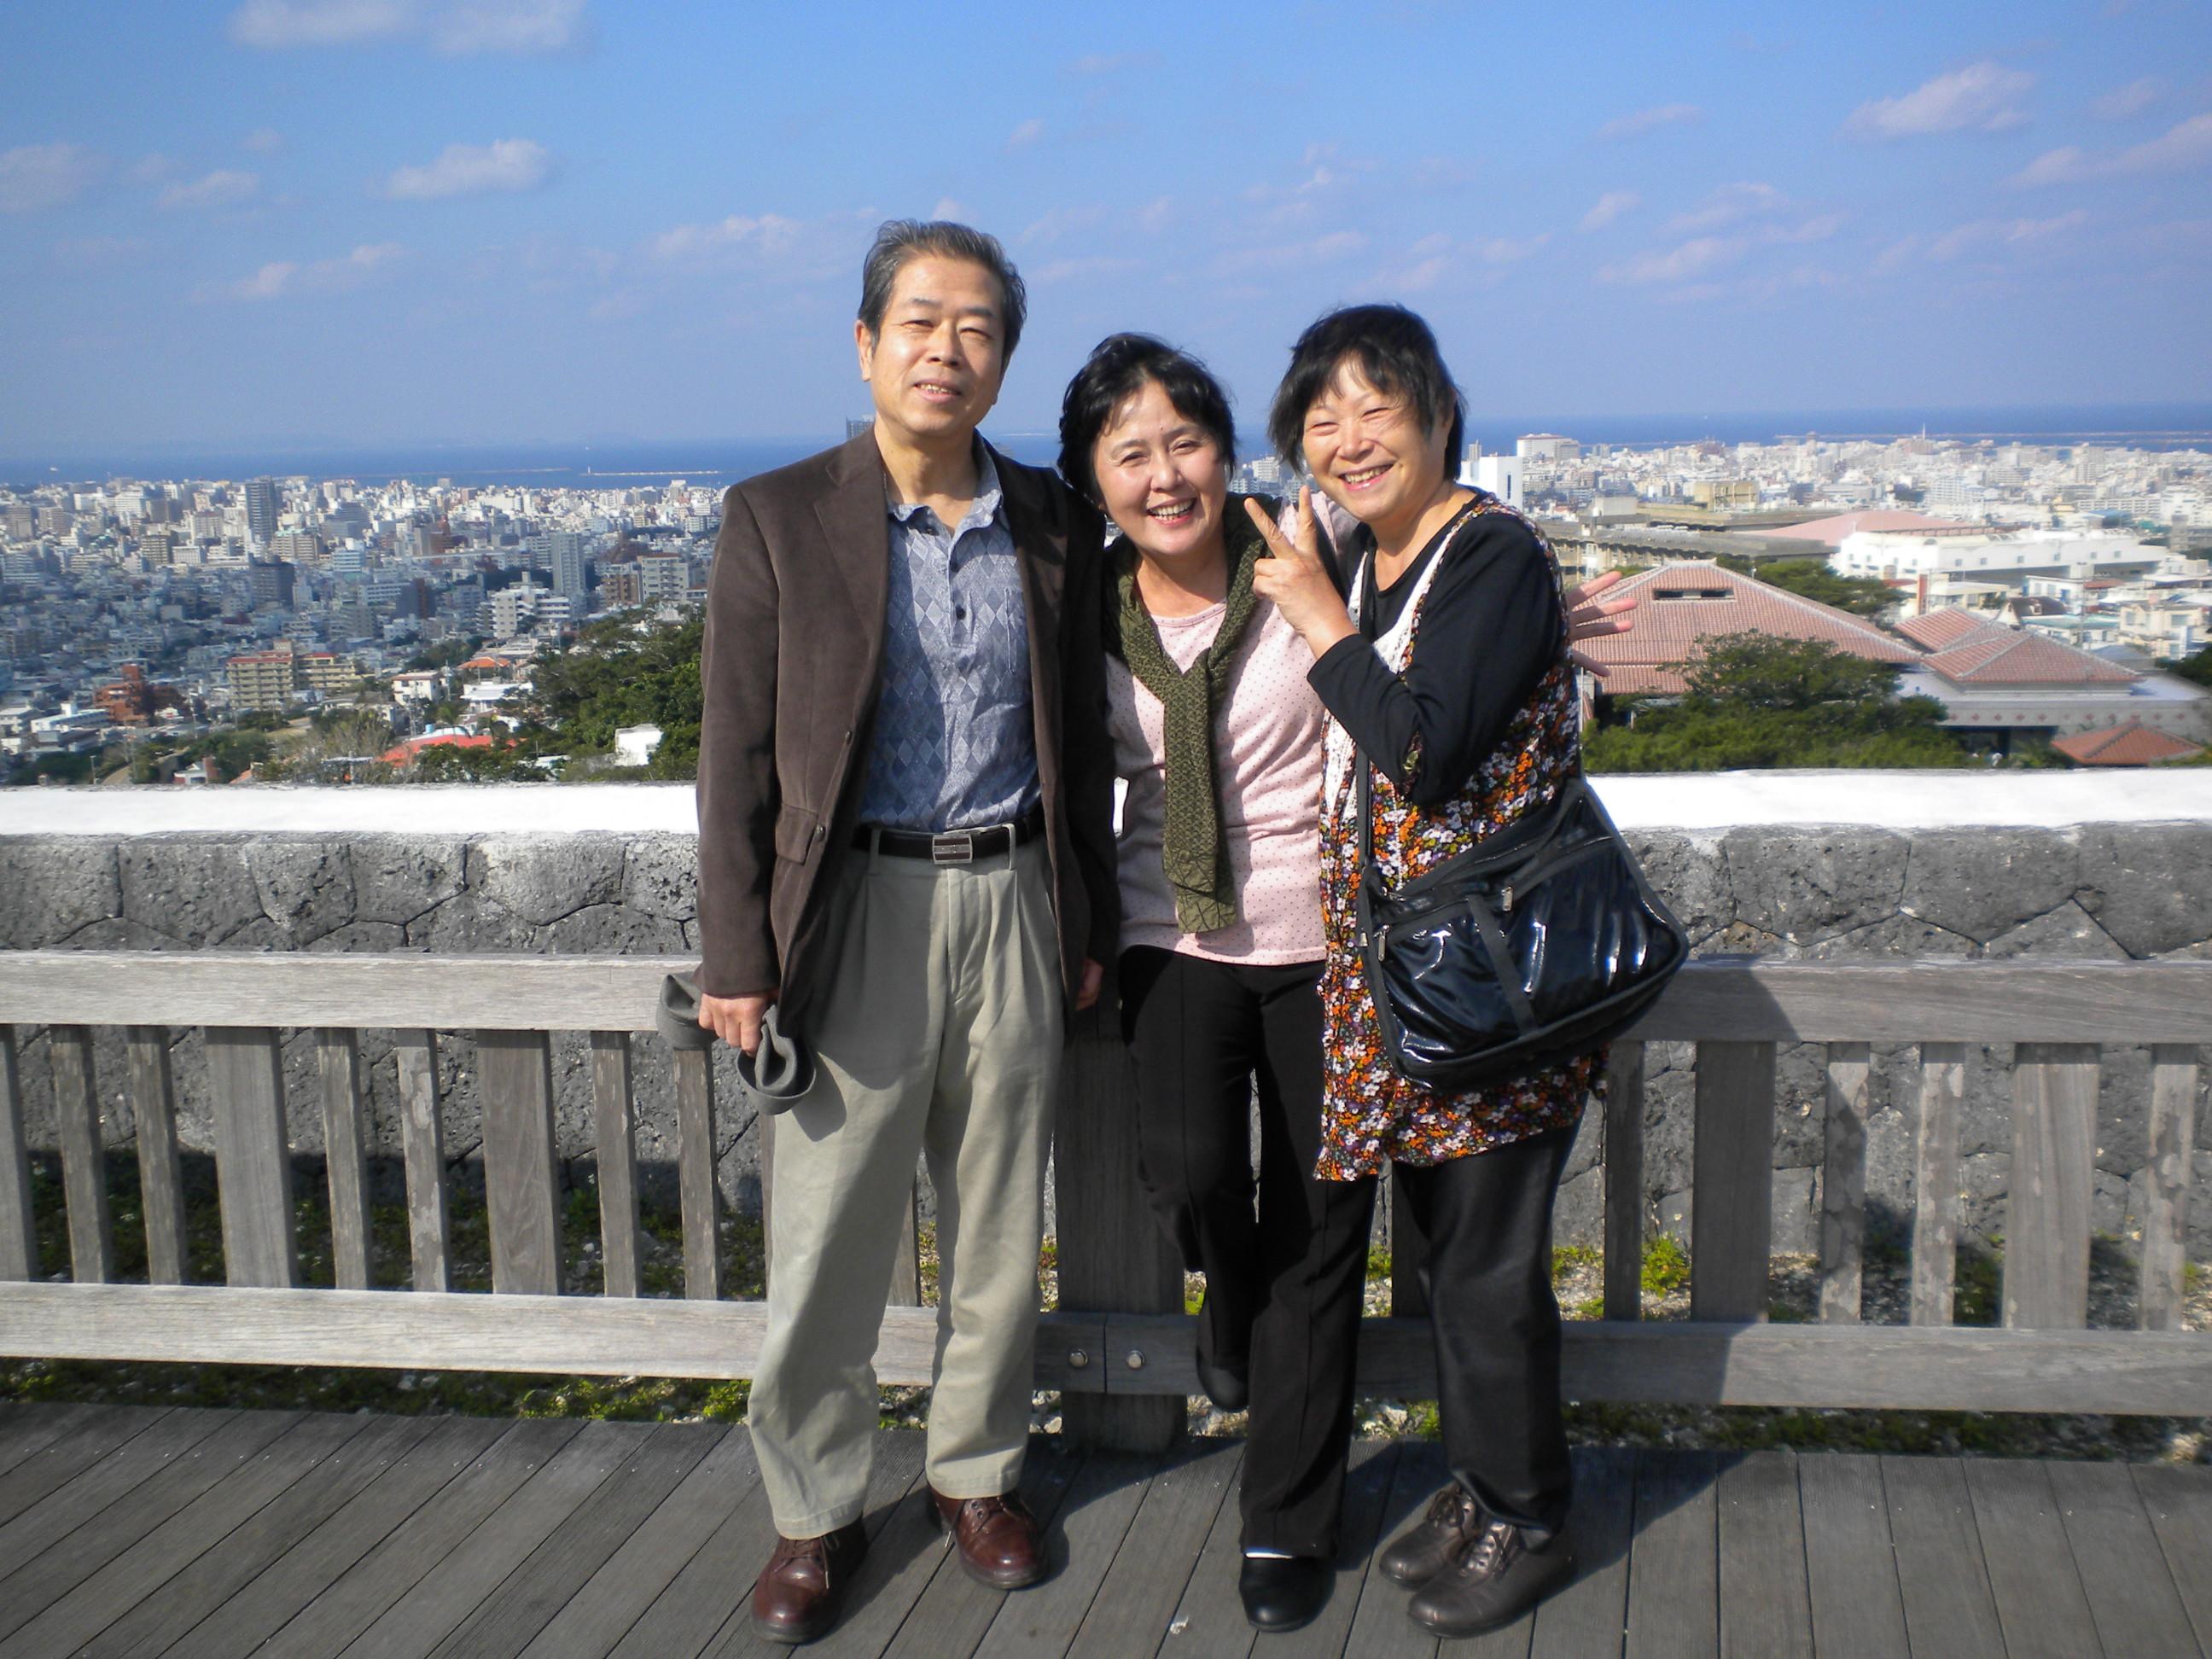 江口夫妻と玲子さん